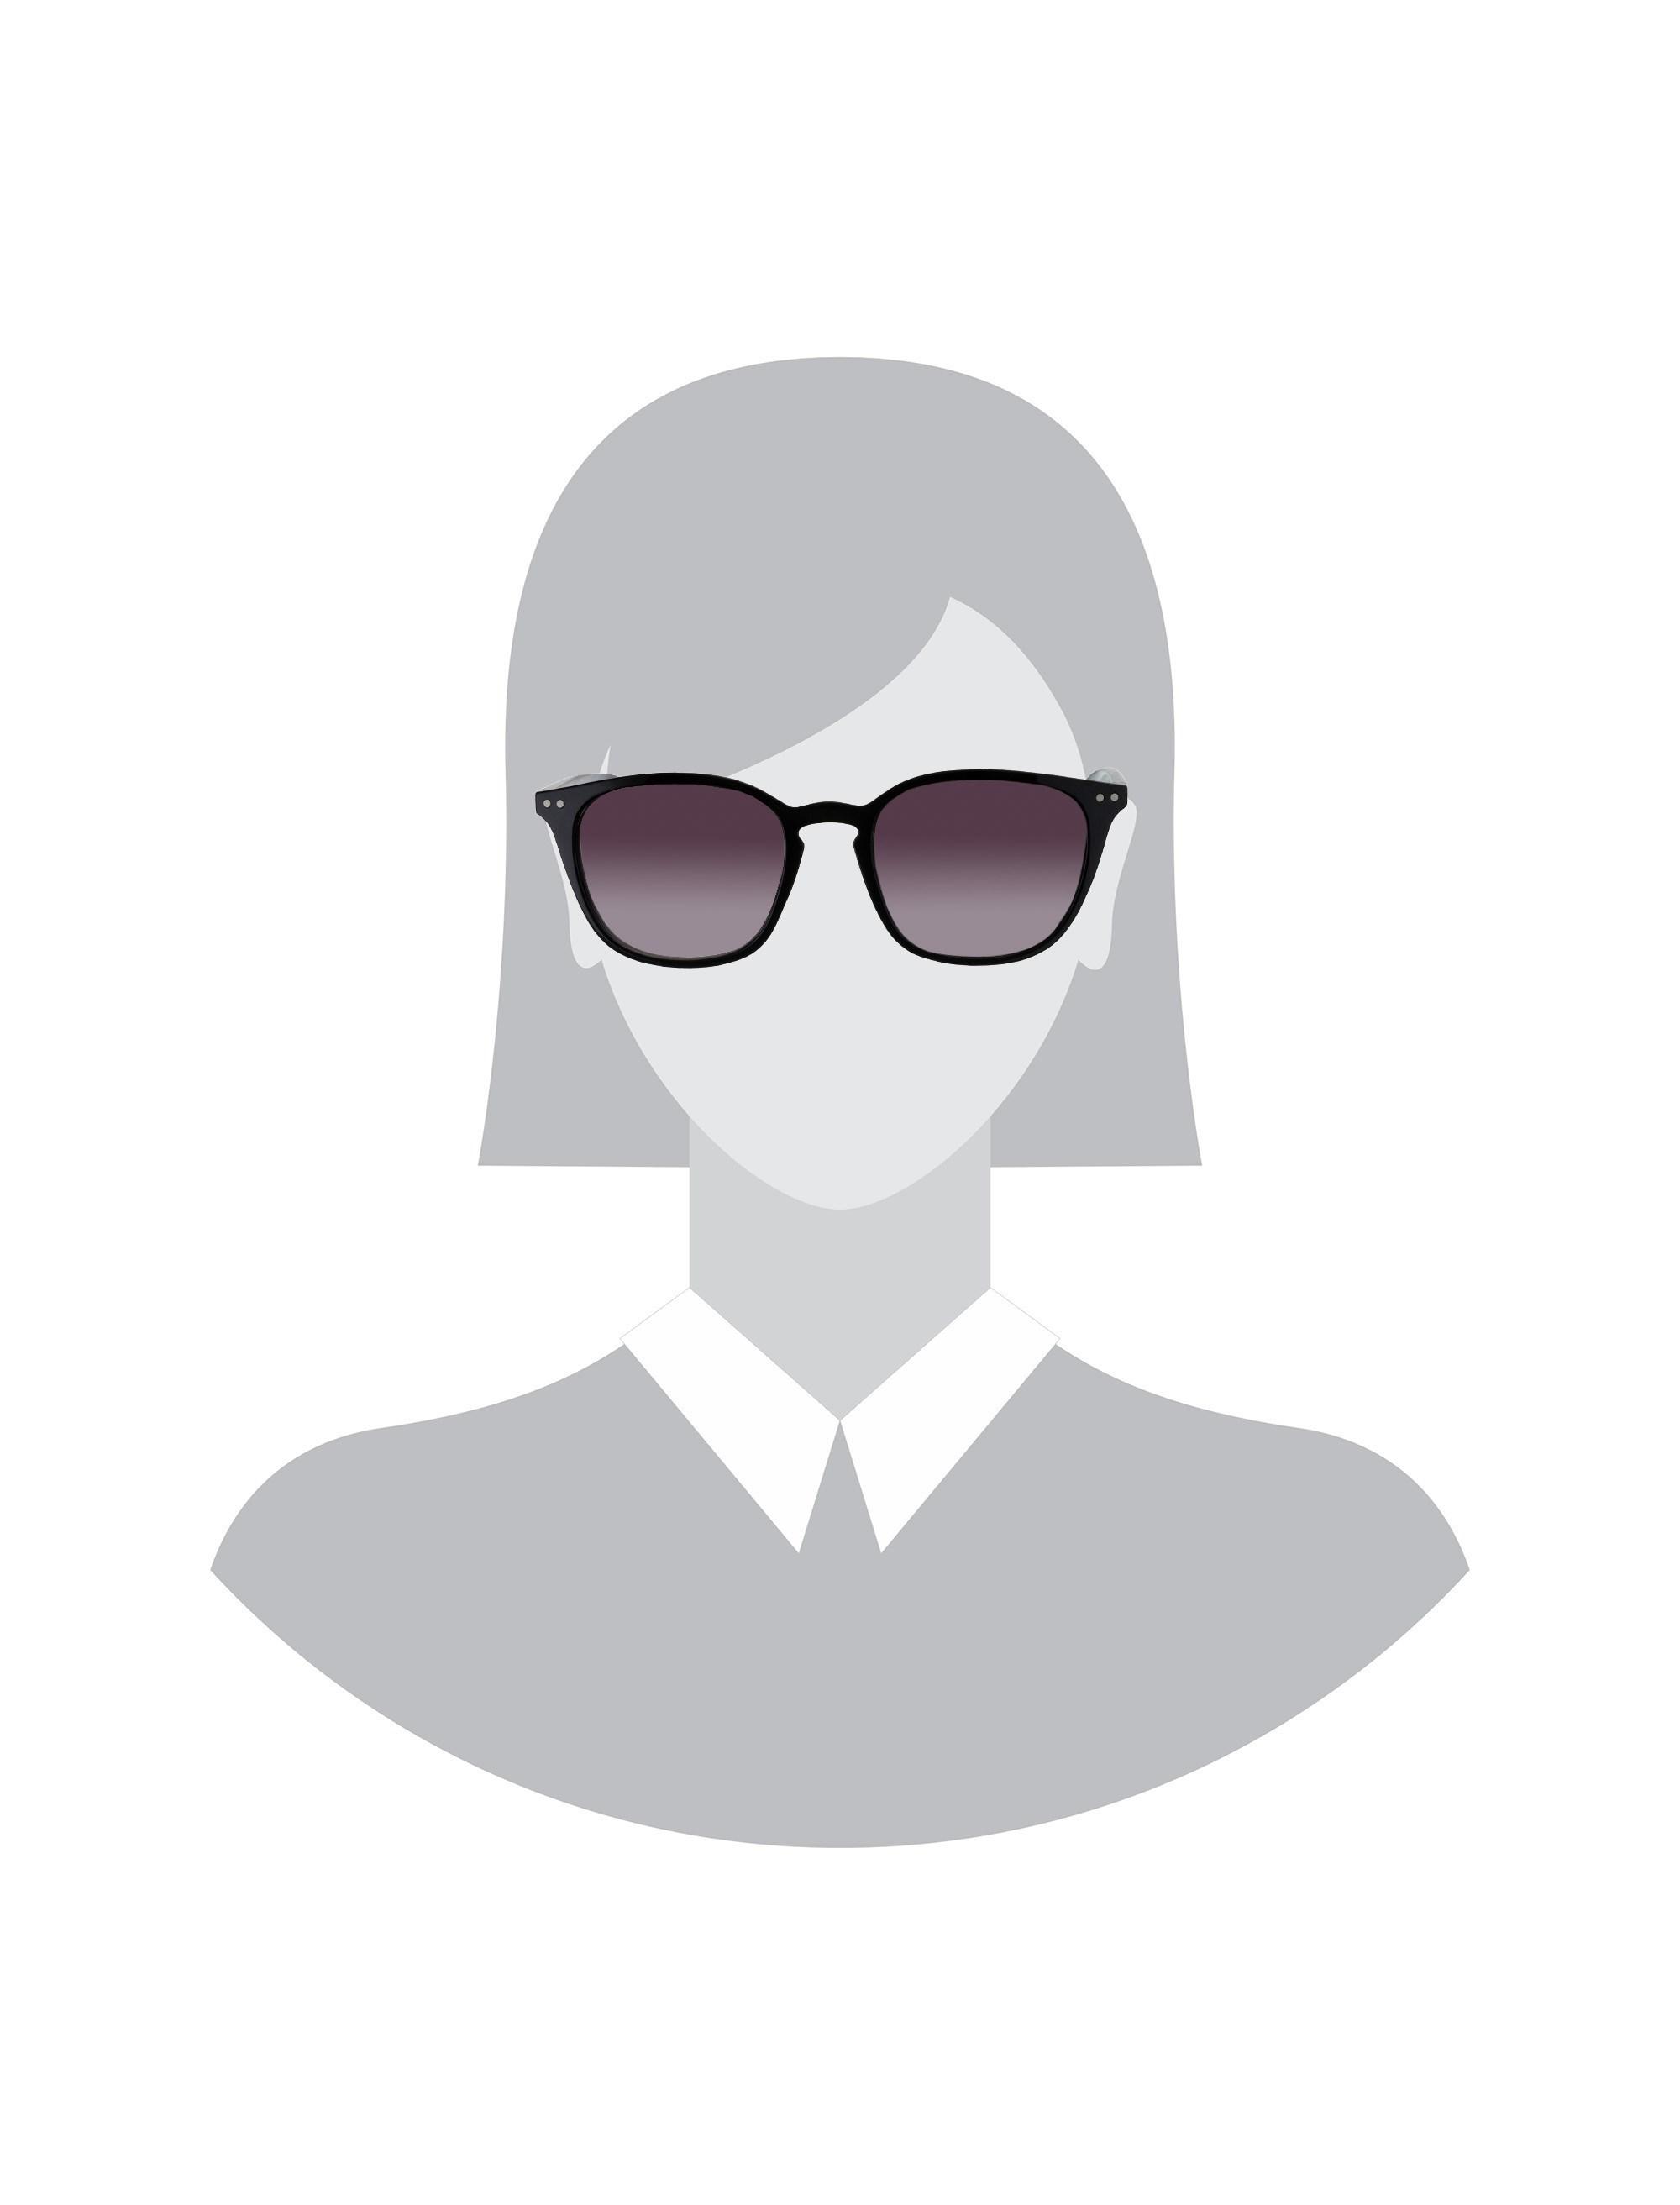 عینک آفتابی مربعی زنانه - مشکي - 6